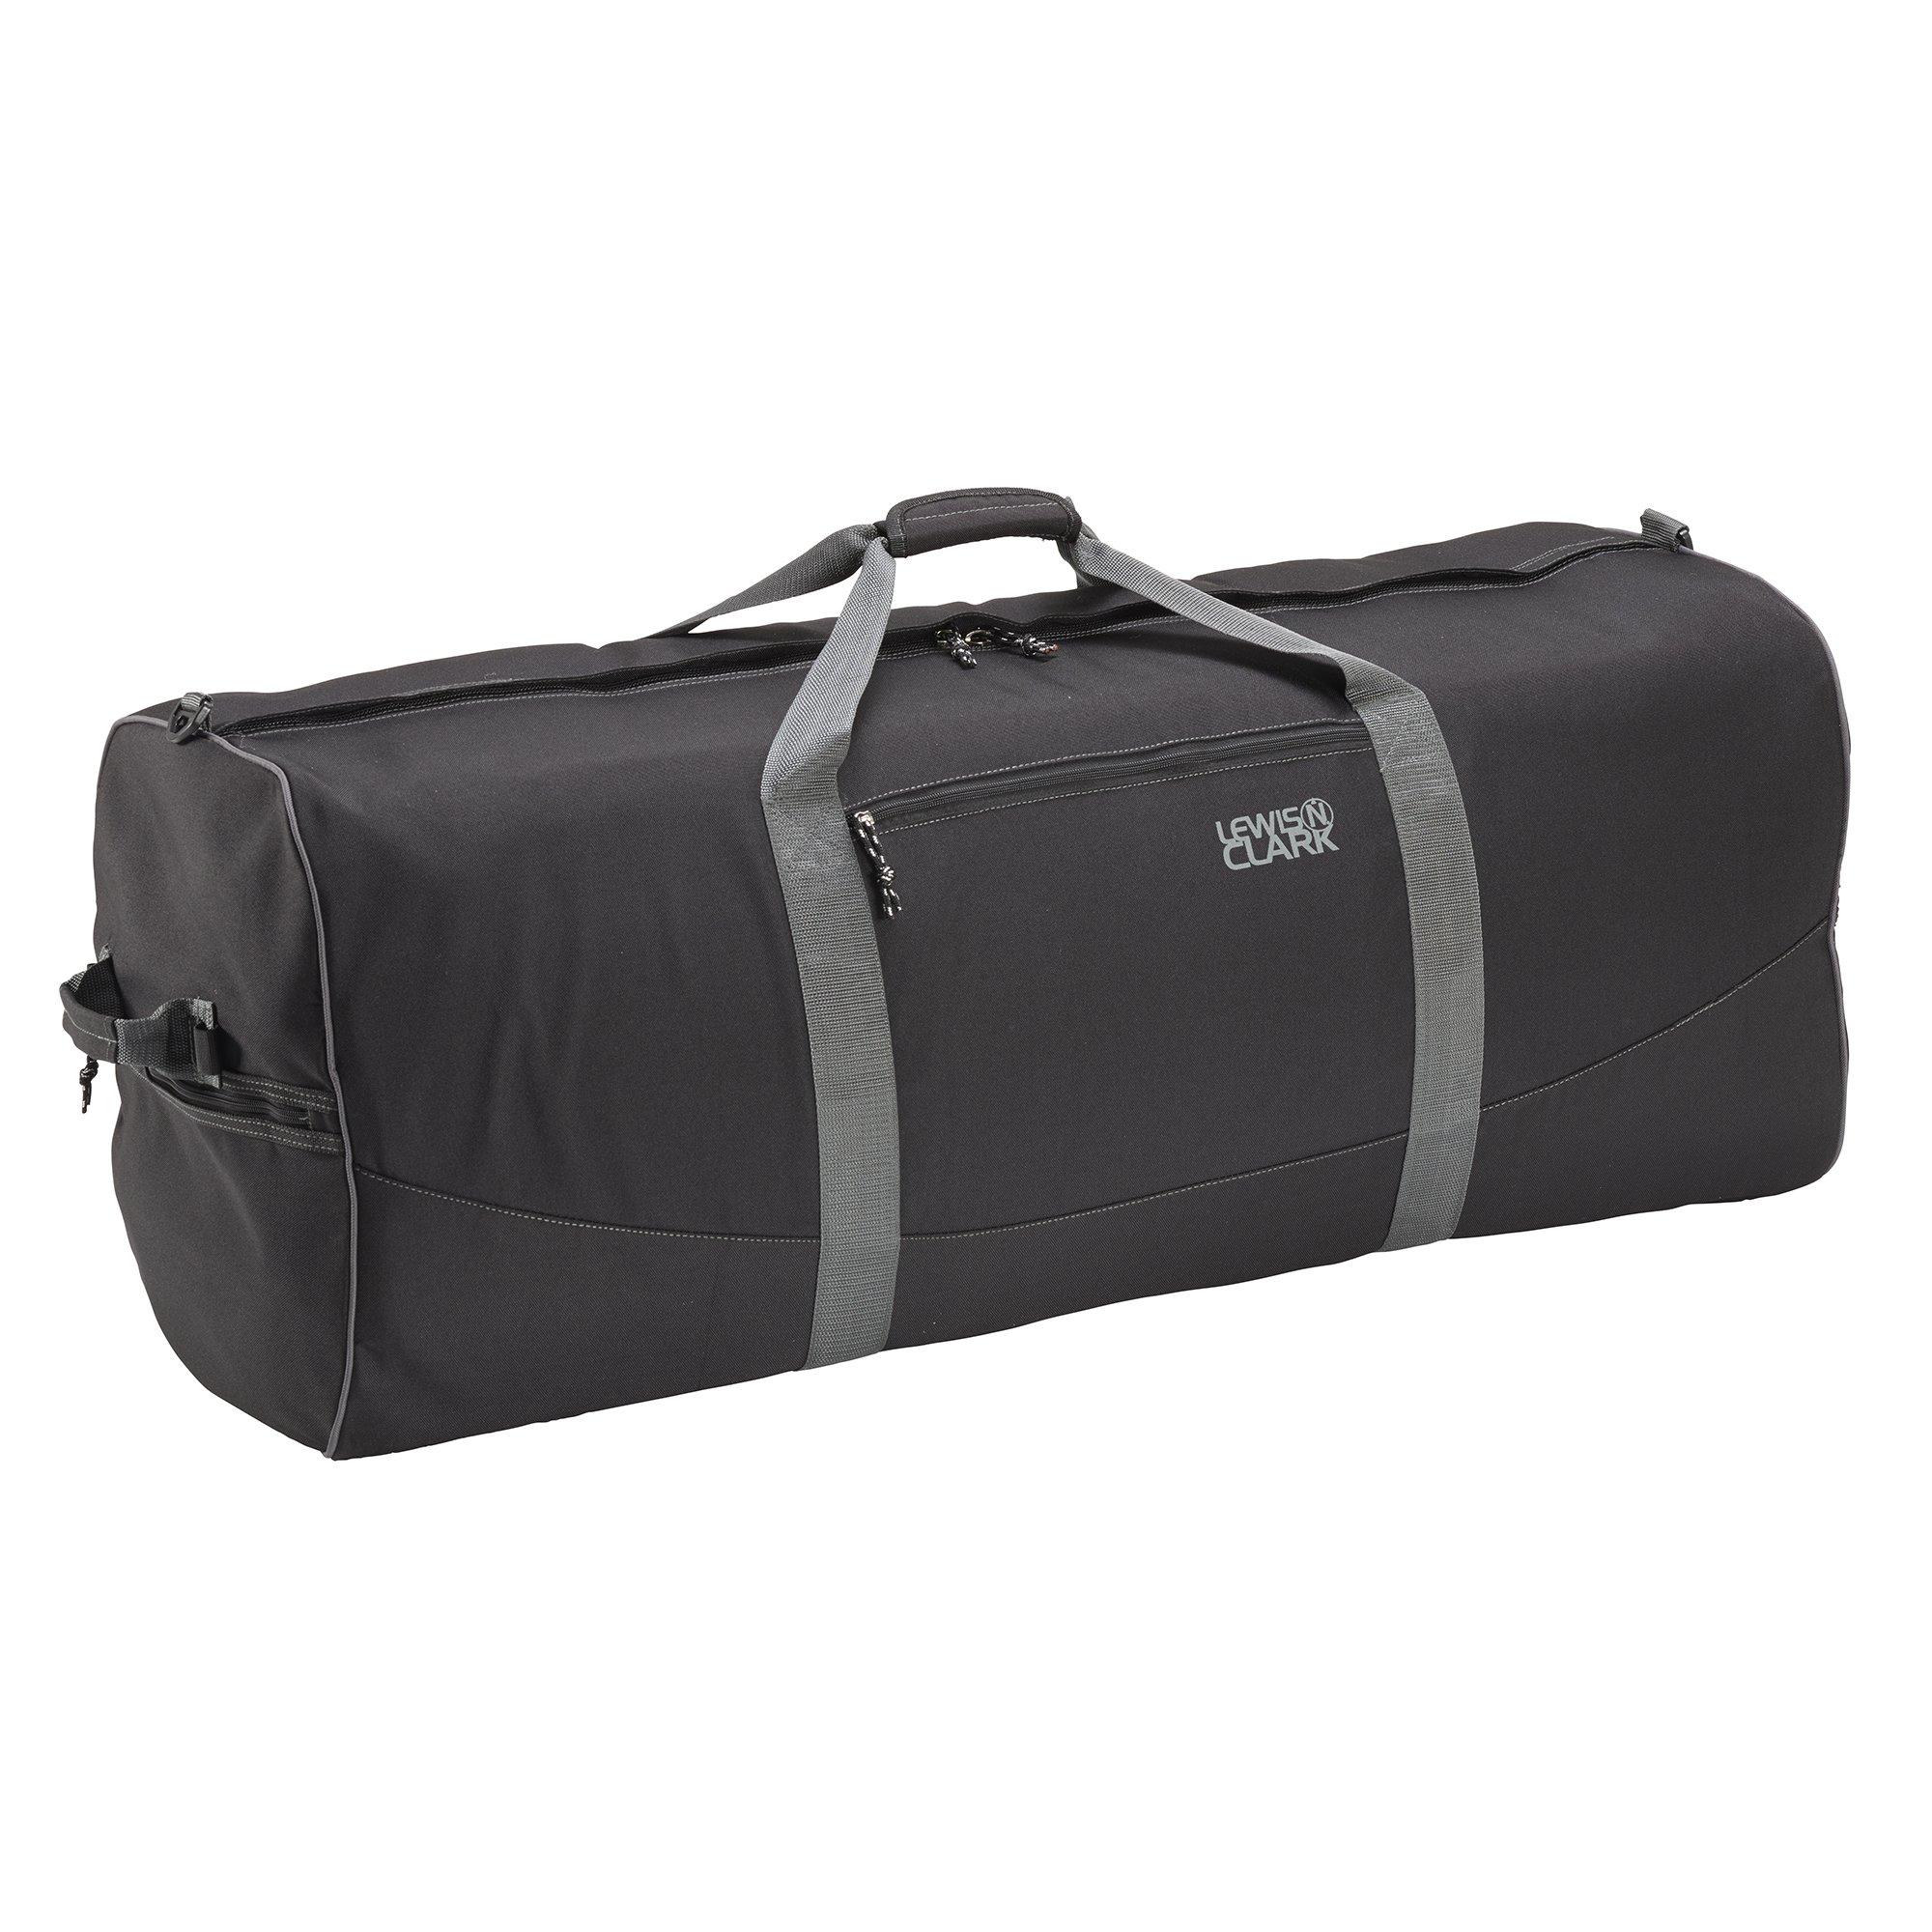 Lewis N. Clark 4014684 Duffel Bag 18'' x 36'' black